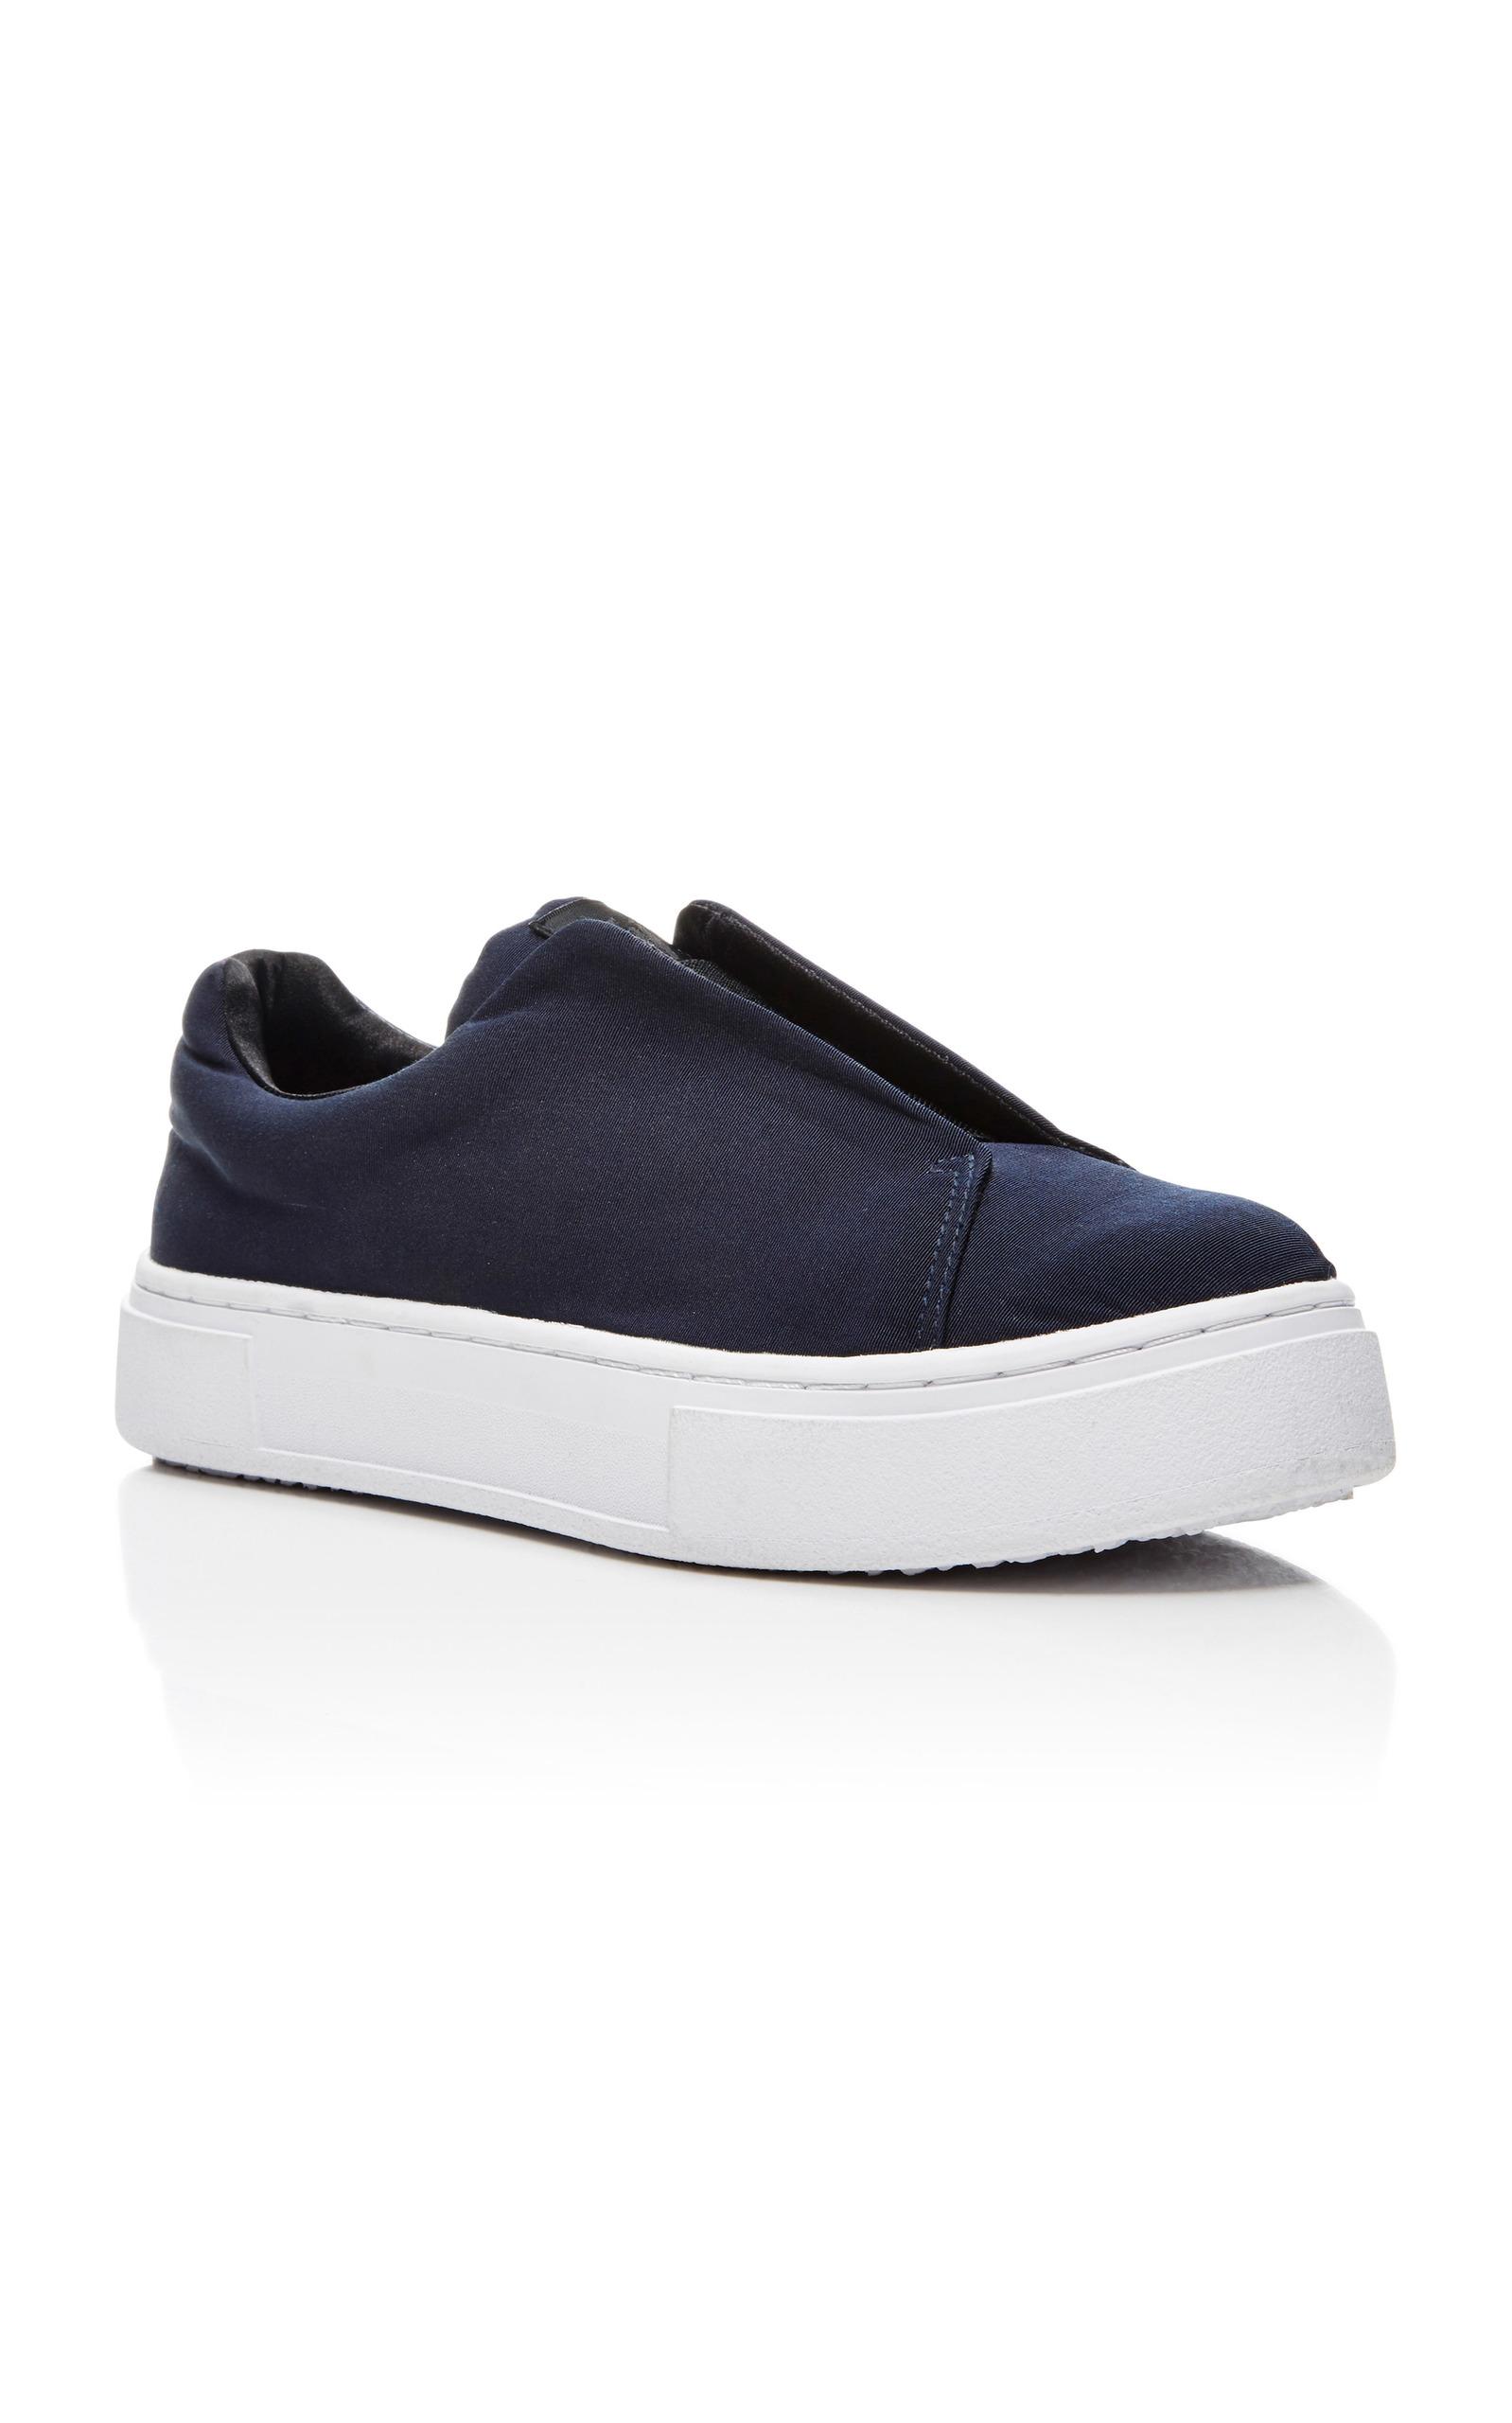 7b42059409f1 Doja Slip-On Sneakers by EYTYS